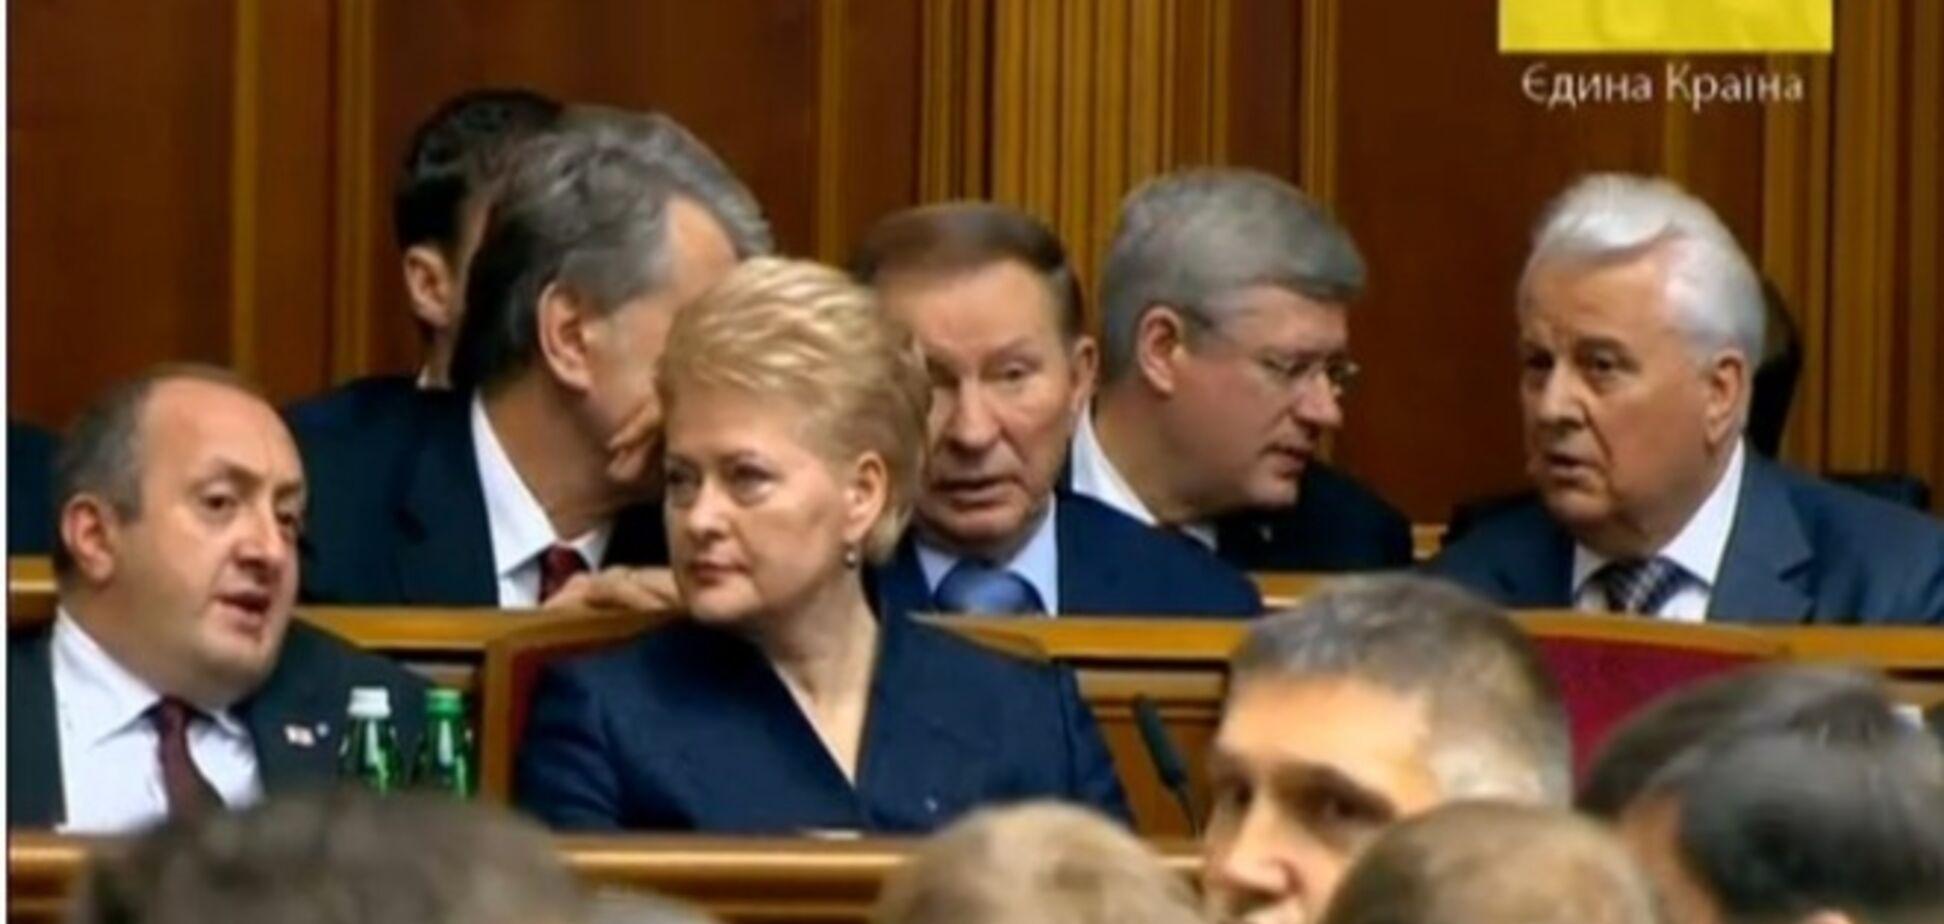 Международная реакция на инаугурацию Порошенко